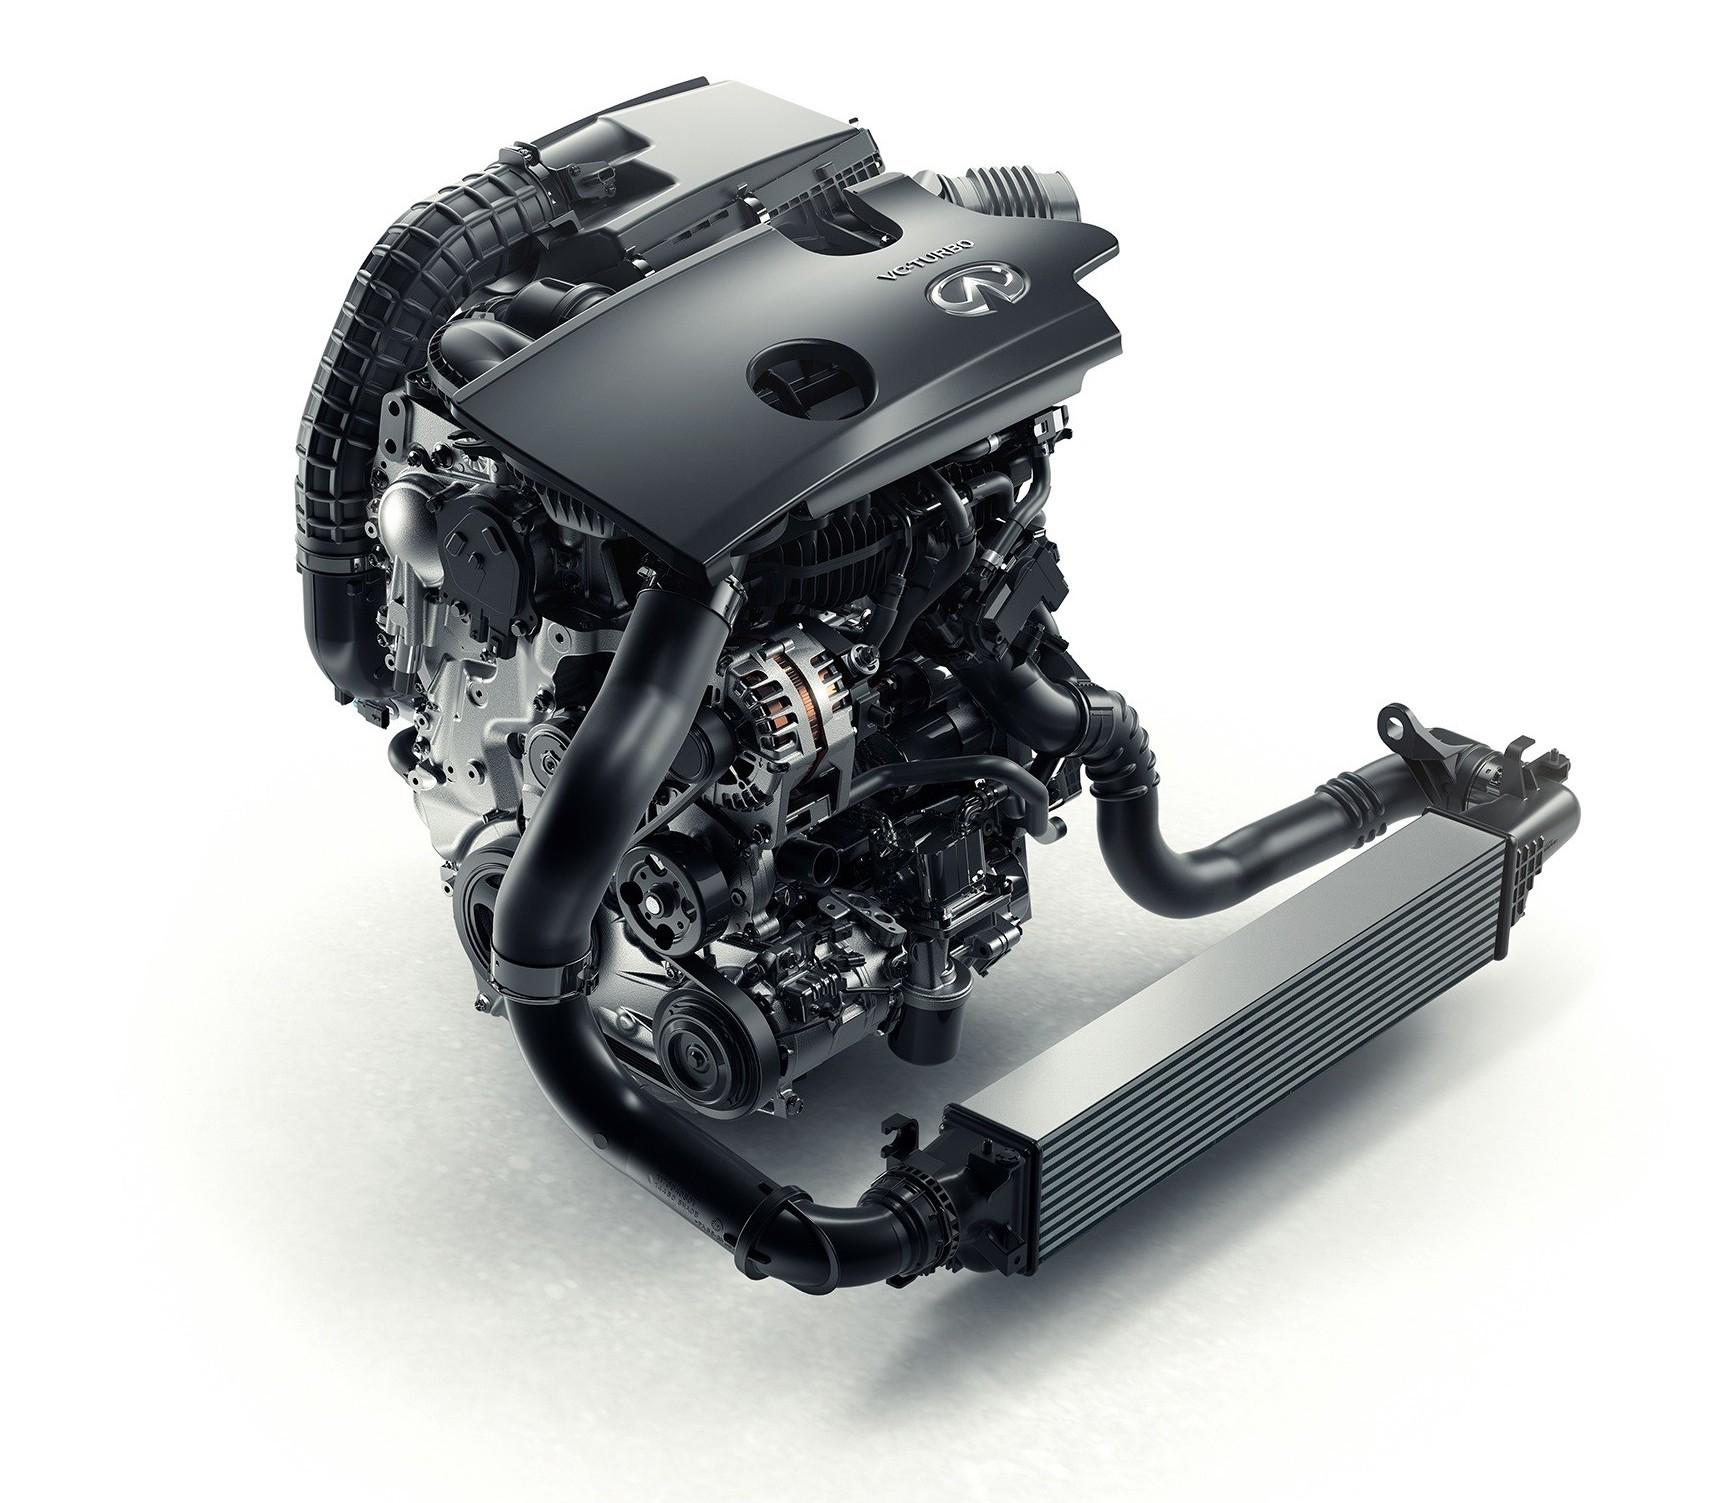 Nissan разработала ДВС с изменяемой степенью сжатия - 4